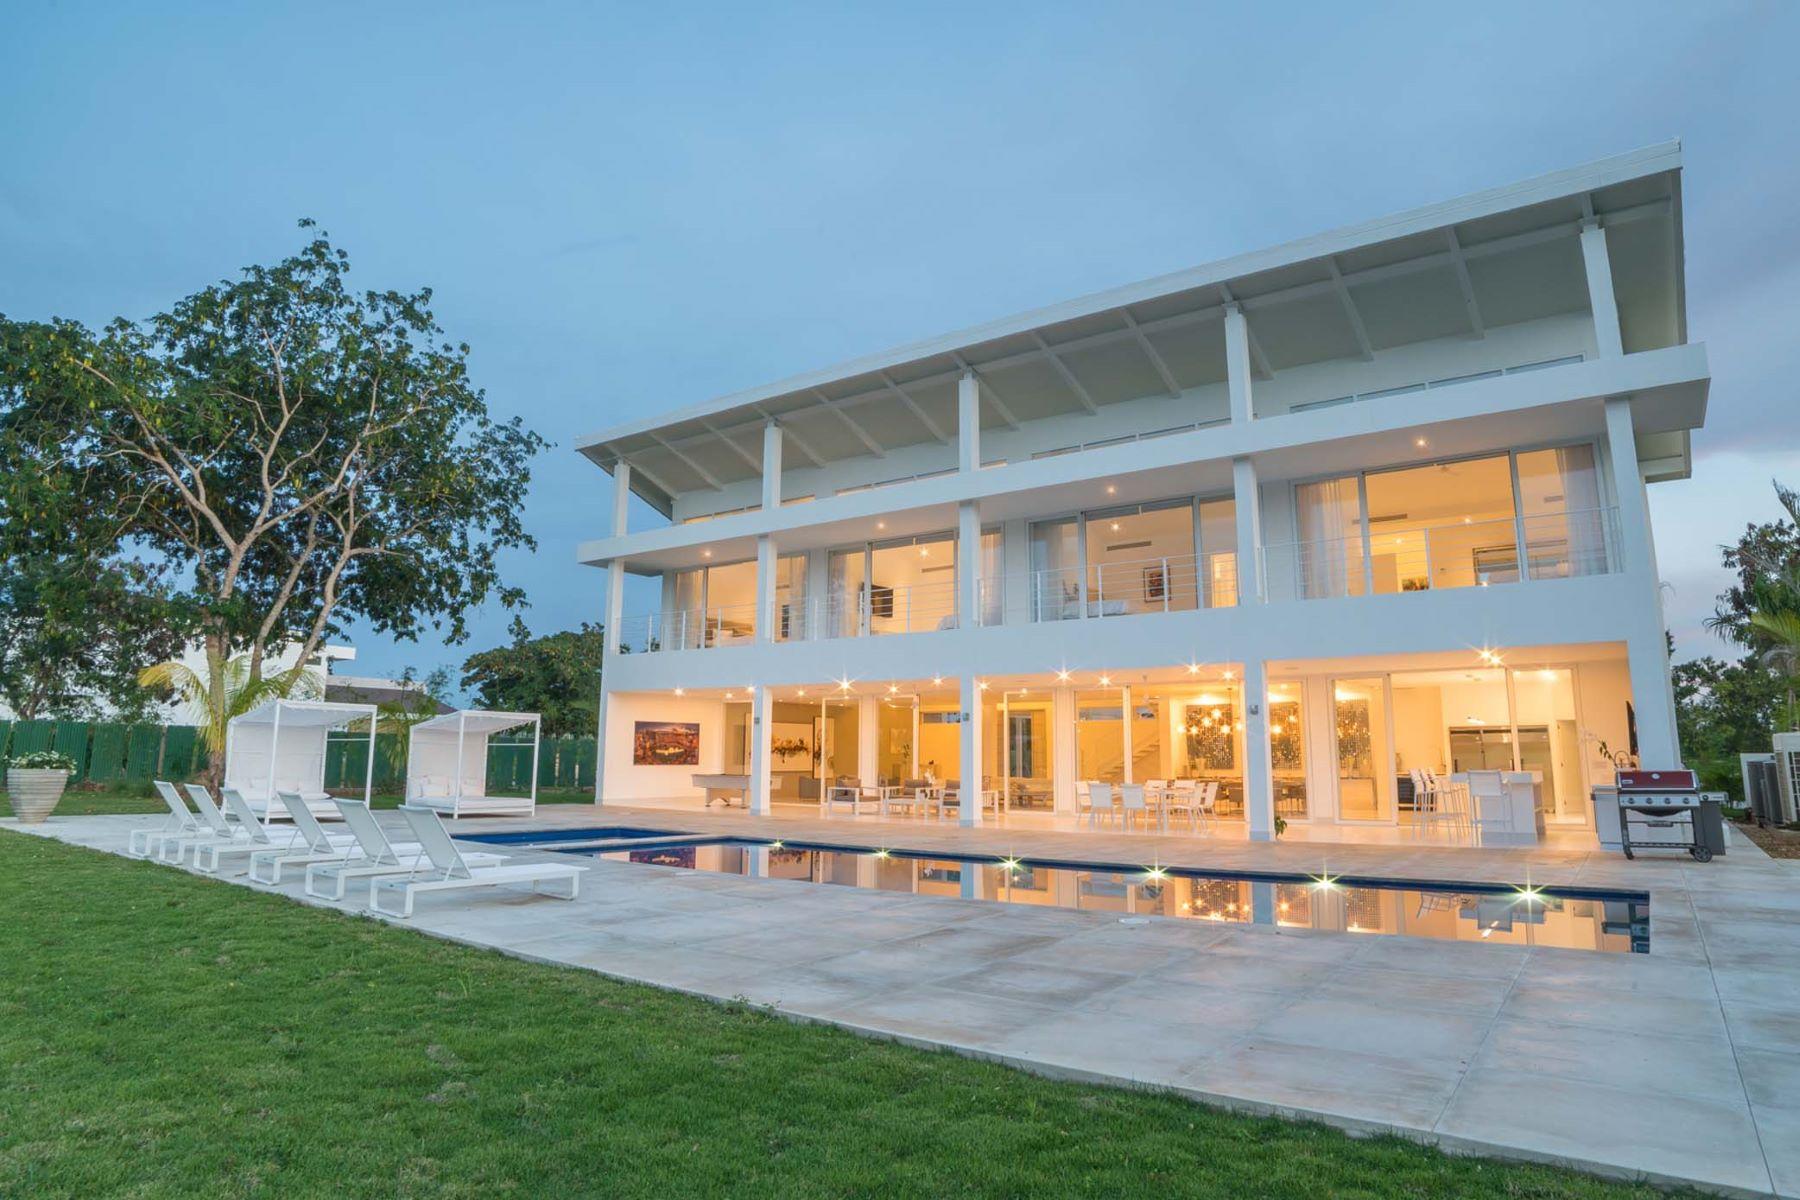 独户住宅 为 销售 在 Brand New, Bold and Modern close to Marina and Beach 田园之家, 罗马纳, 多米尼加共和国